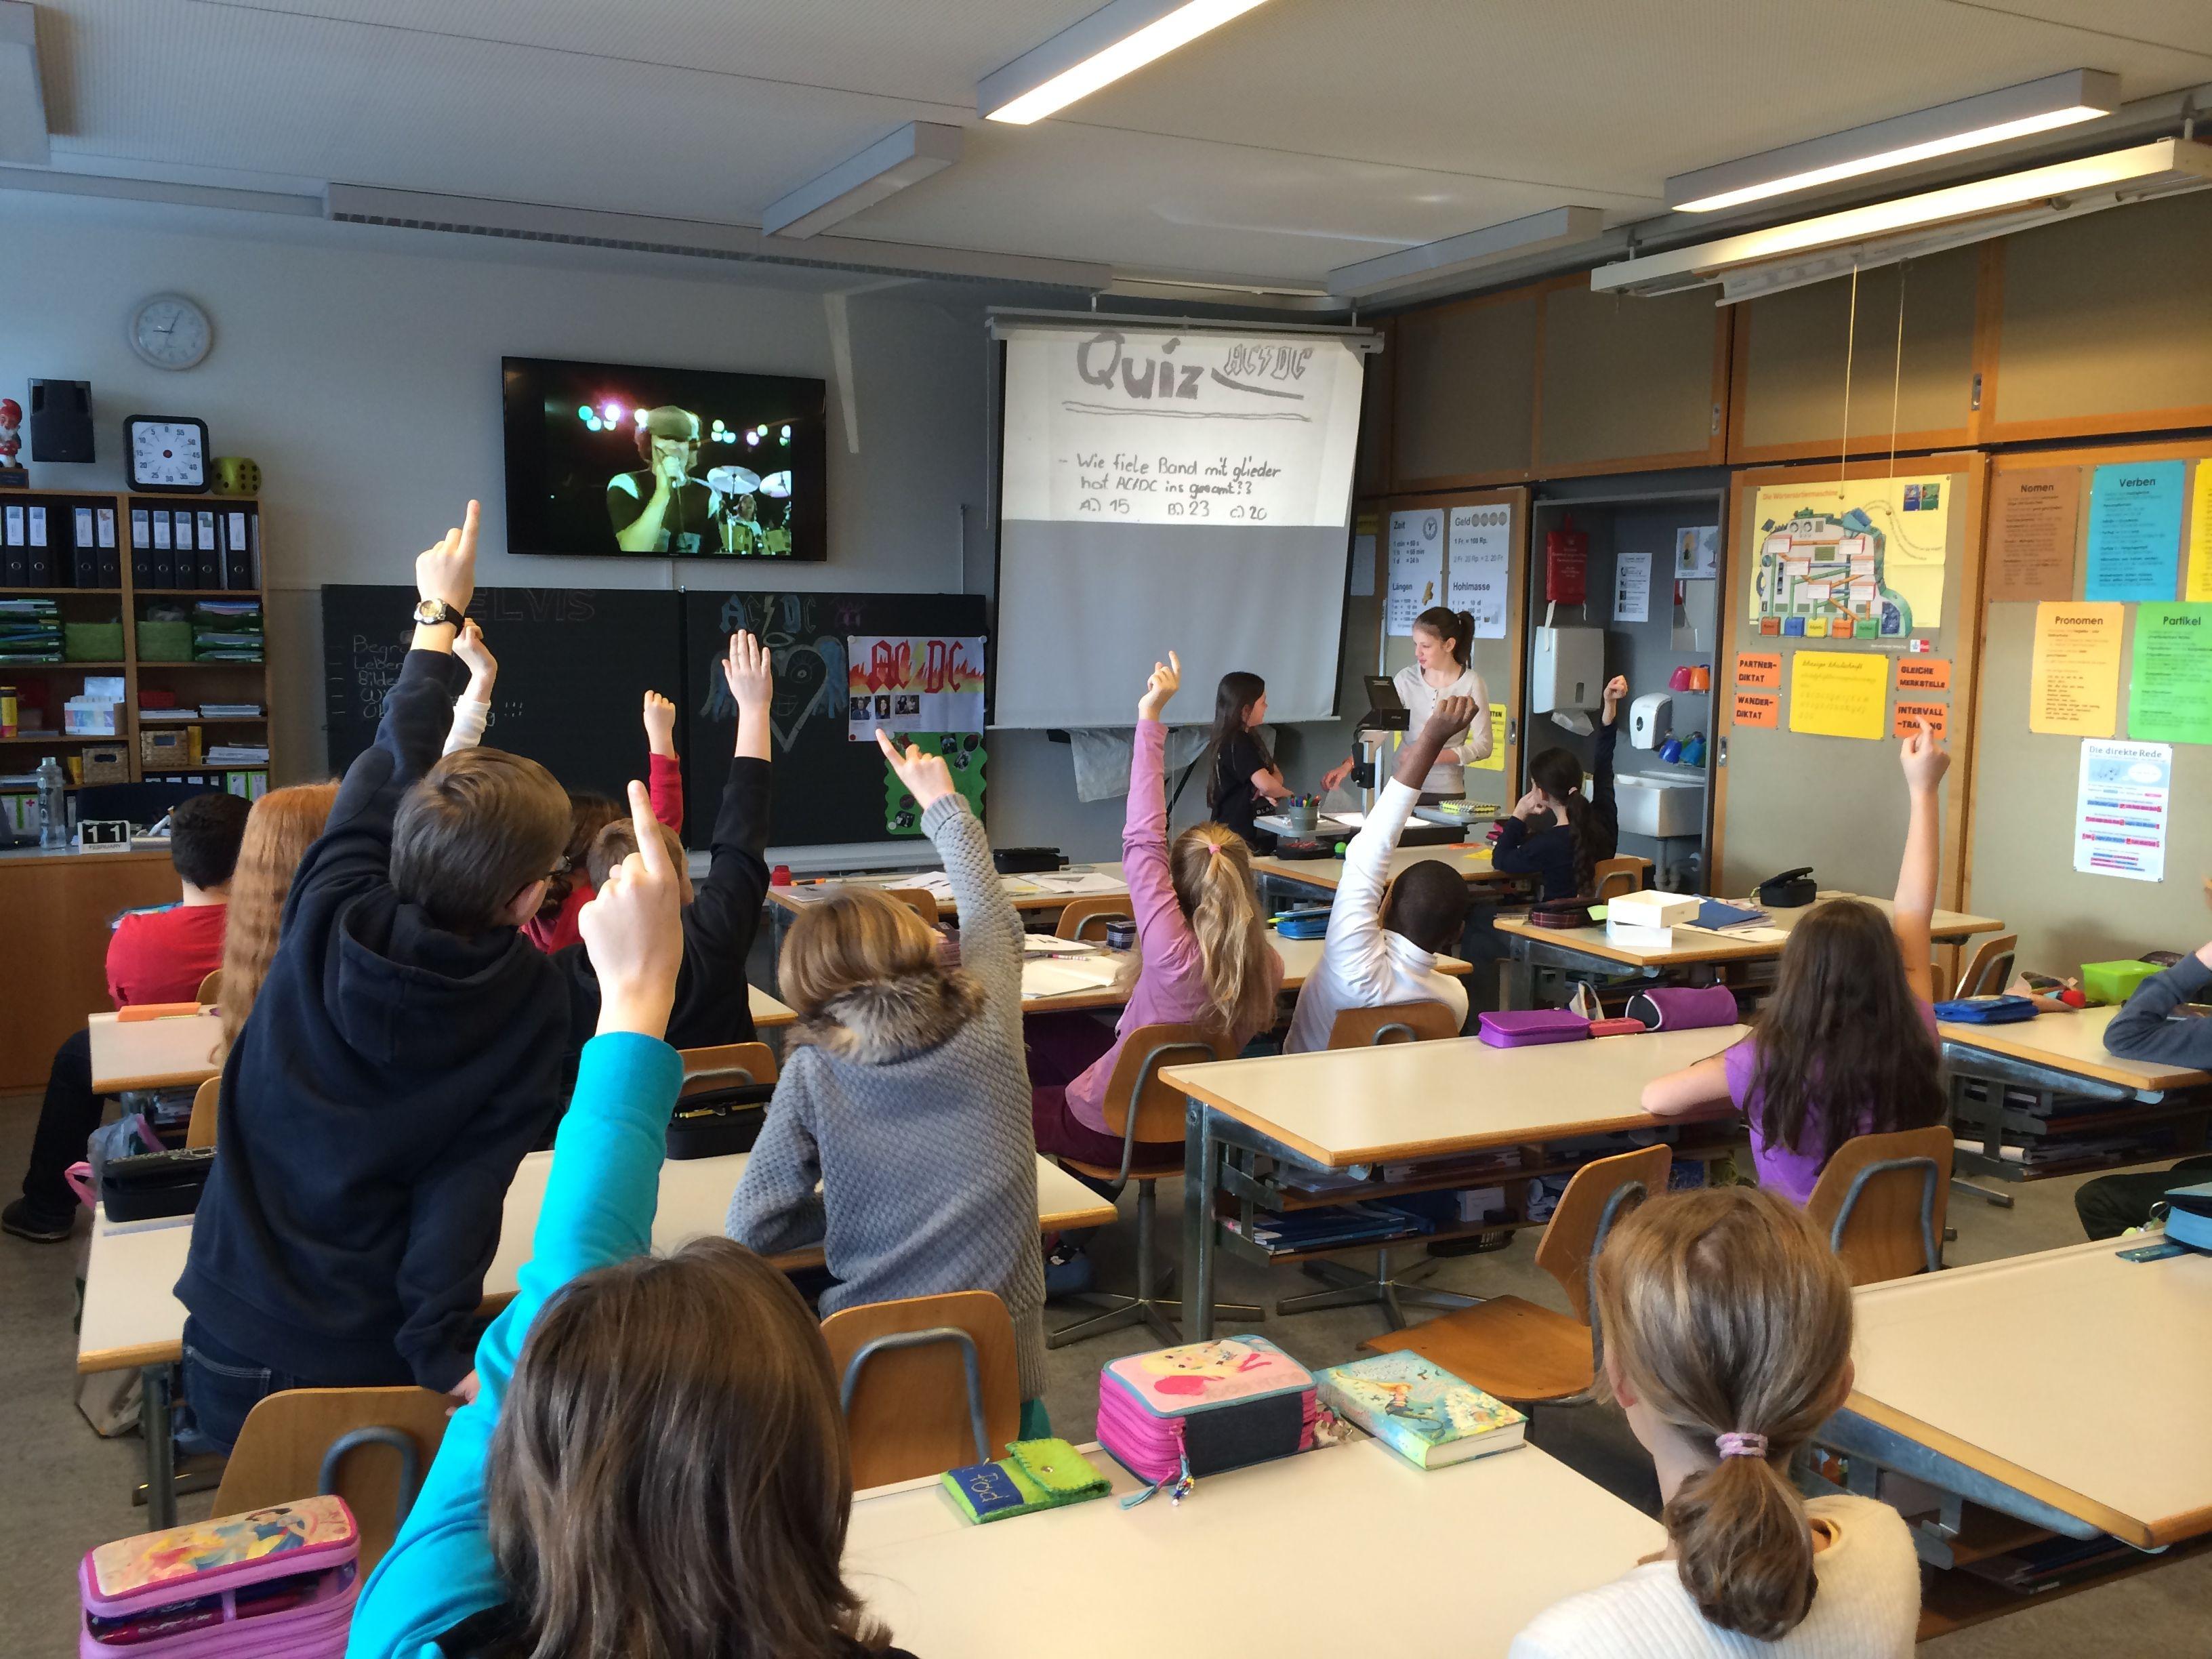 In diesem Beispiel sieht man, dass sogar die Schülerinnen und Schüler bei ihrem Vortrag auf mehrere Präsentationsmethoden zurückgreifen: